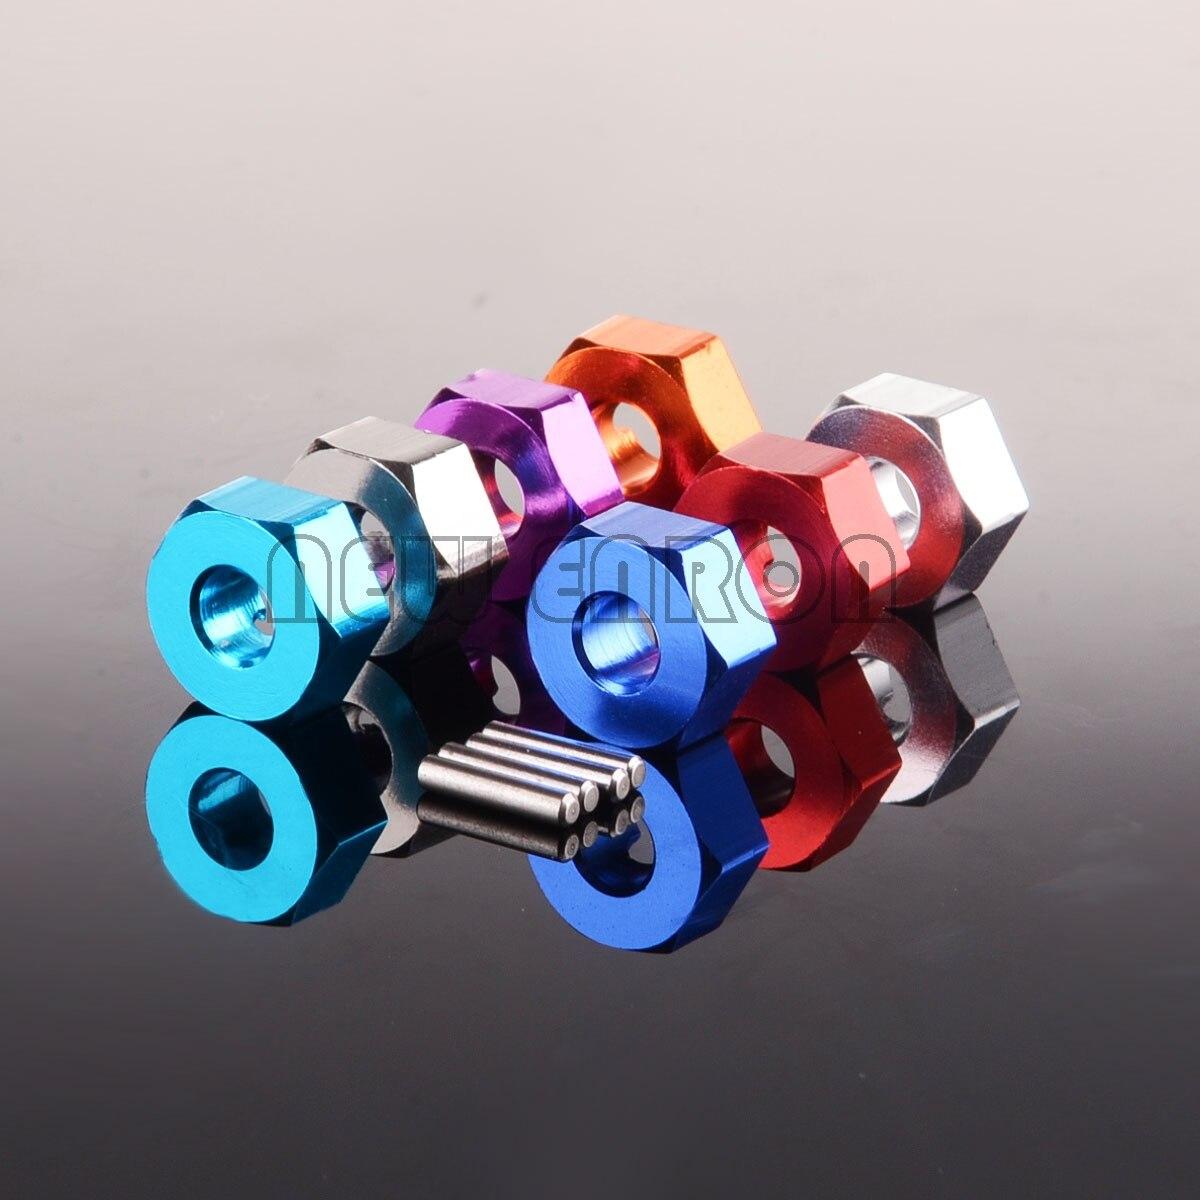 Новый алюминиевый шестигранный адаптер ENRON 12 мм и штифт, толщина 5 мм, 4 шт. для радиоуправляемой модели автомобиля, обновленные детали 1/10 Tamiya ...